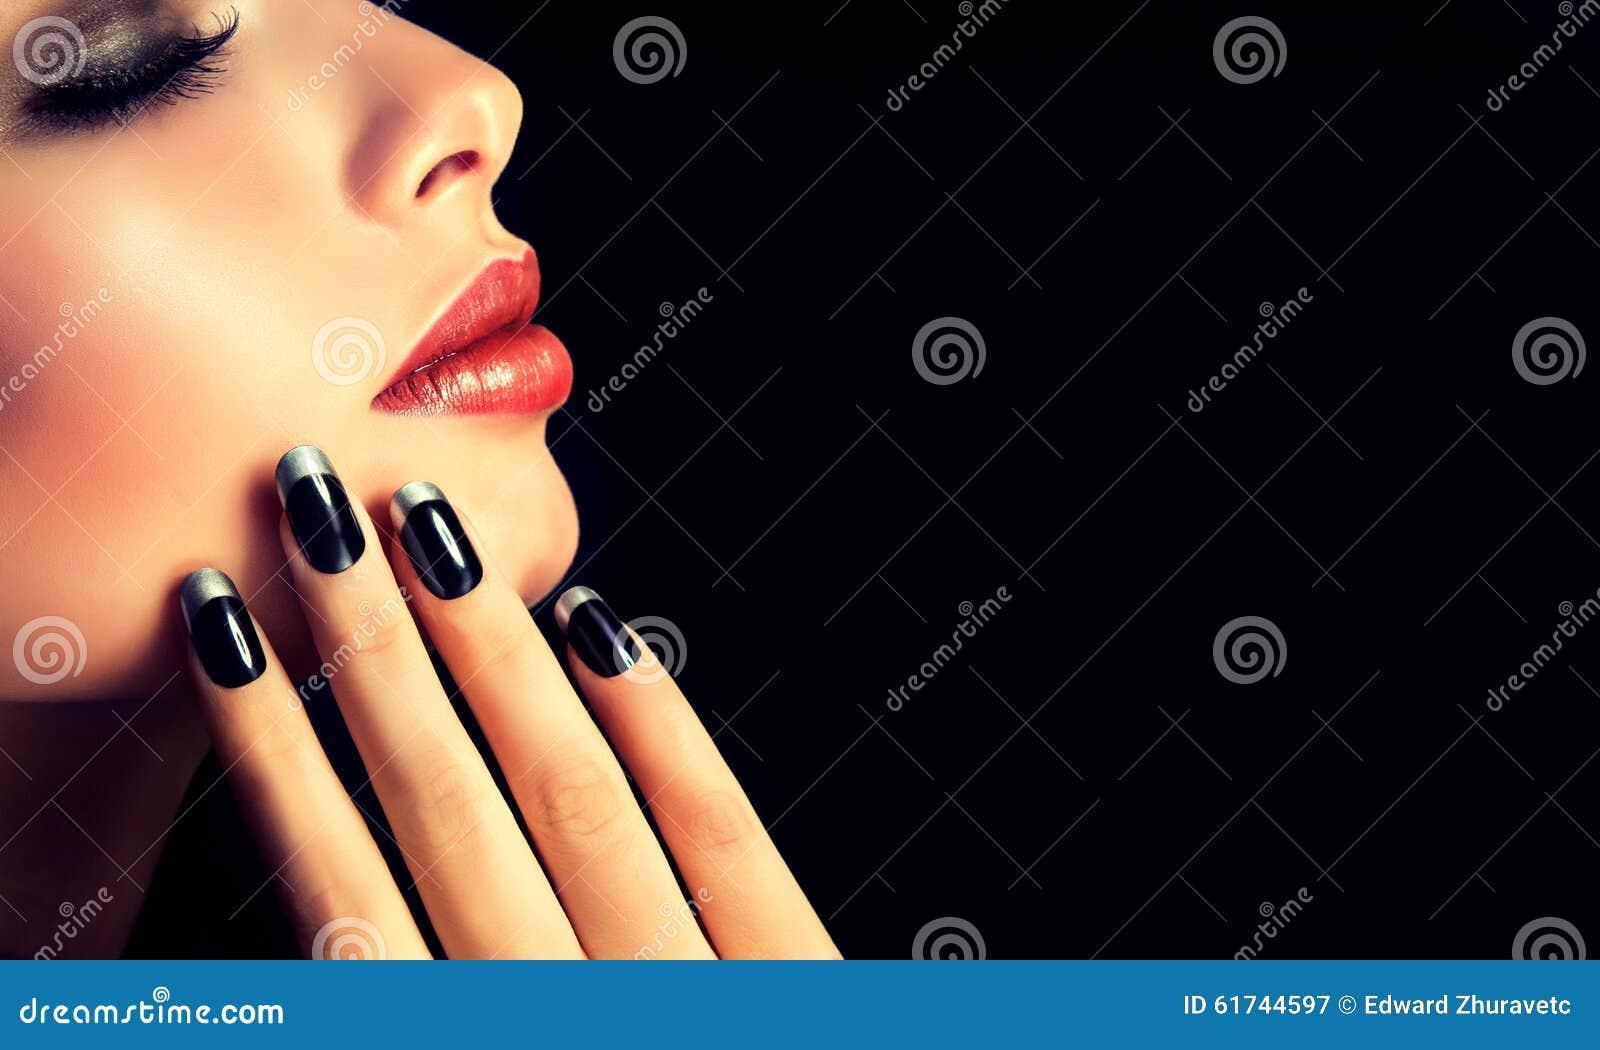 Estilo, manicura, cosméticos y maquillaje de lujo de la moda